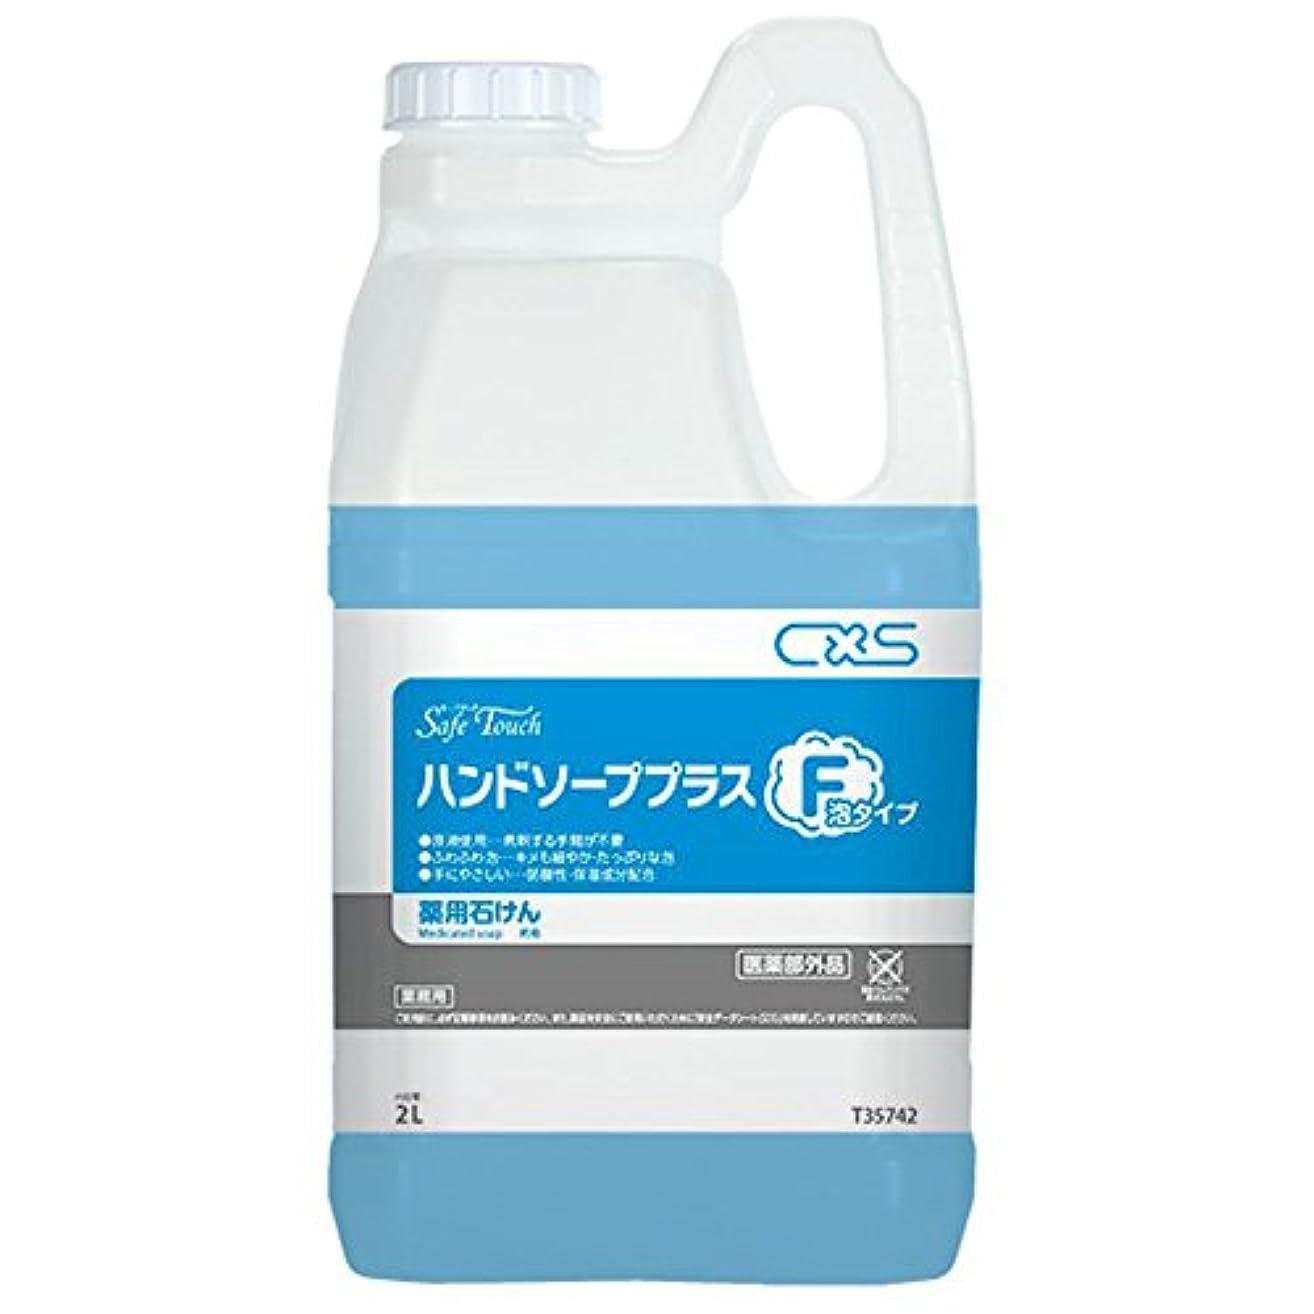 トランスペアレント帆ロールシーバイエス(C×S) 殺菌・消毒用手洗い石けん セーフタッチハンドソーププラスF 2L